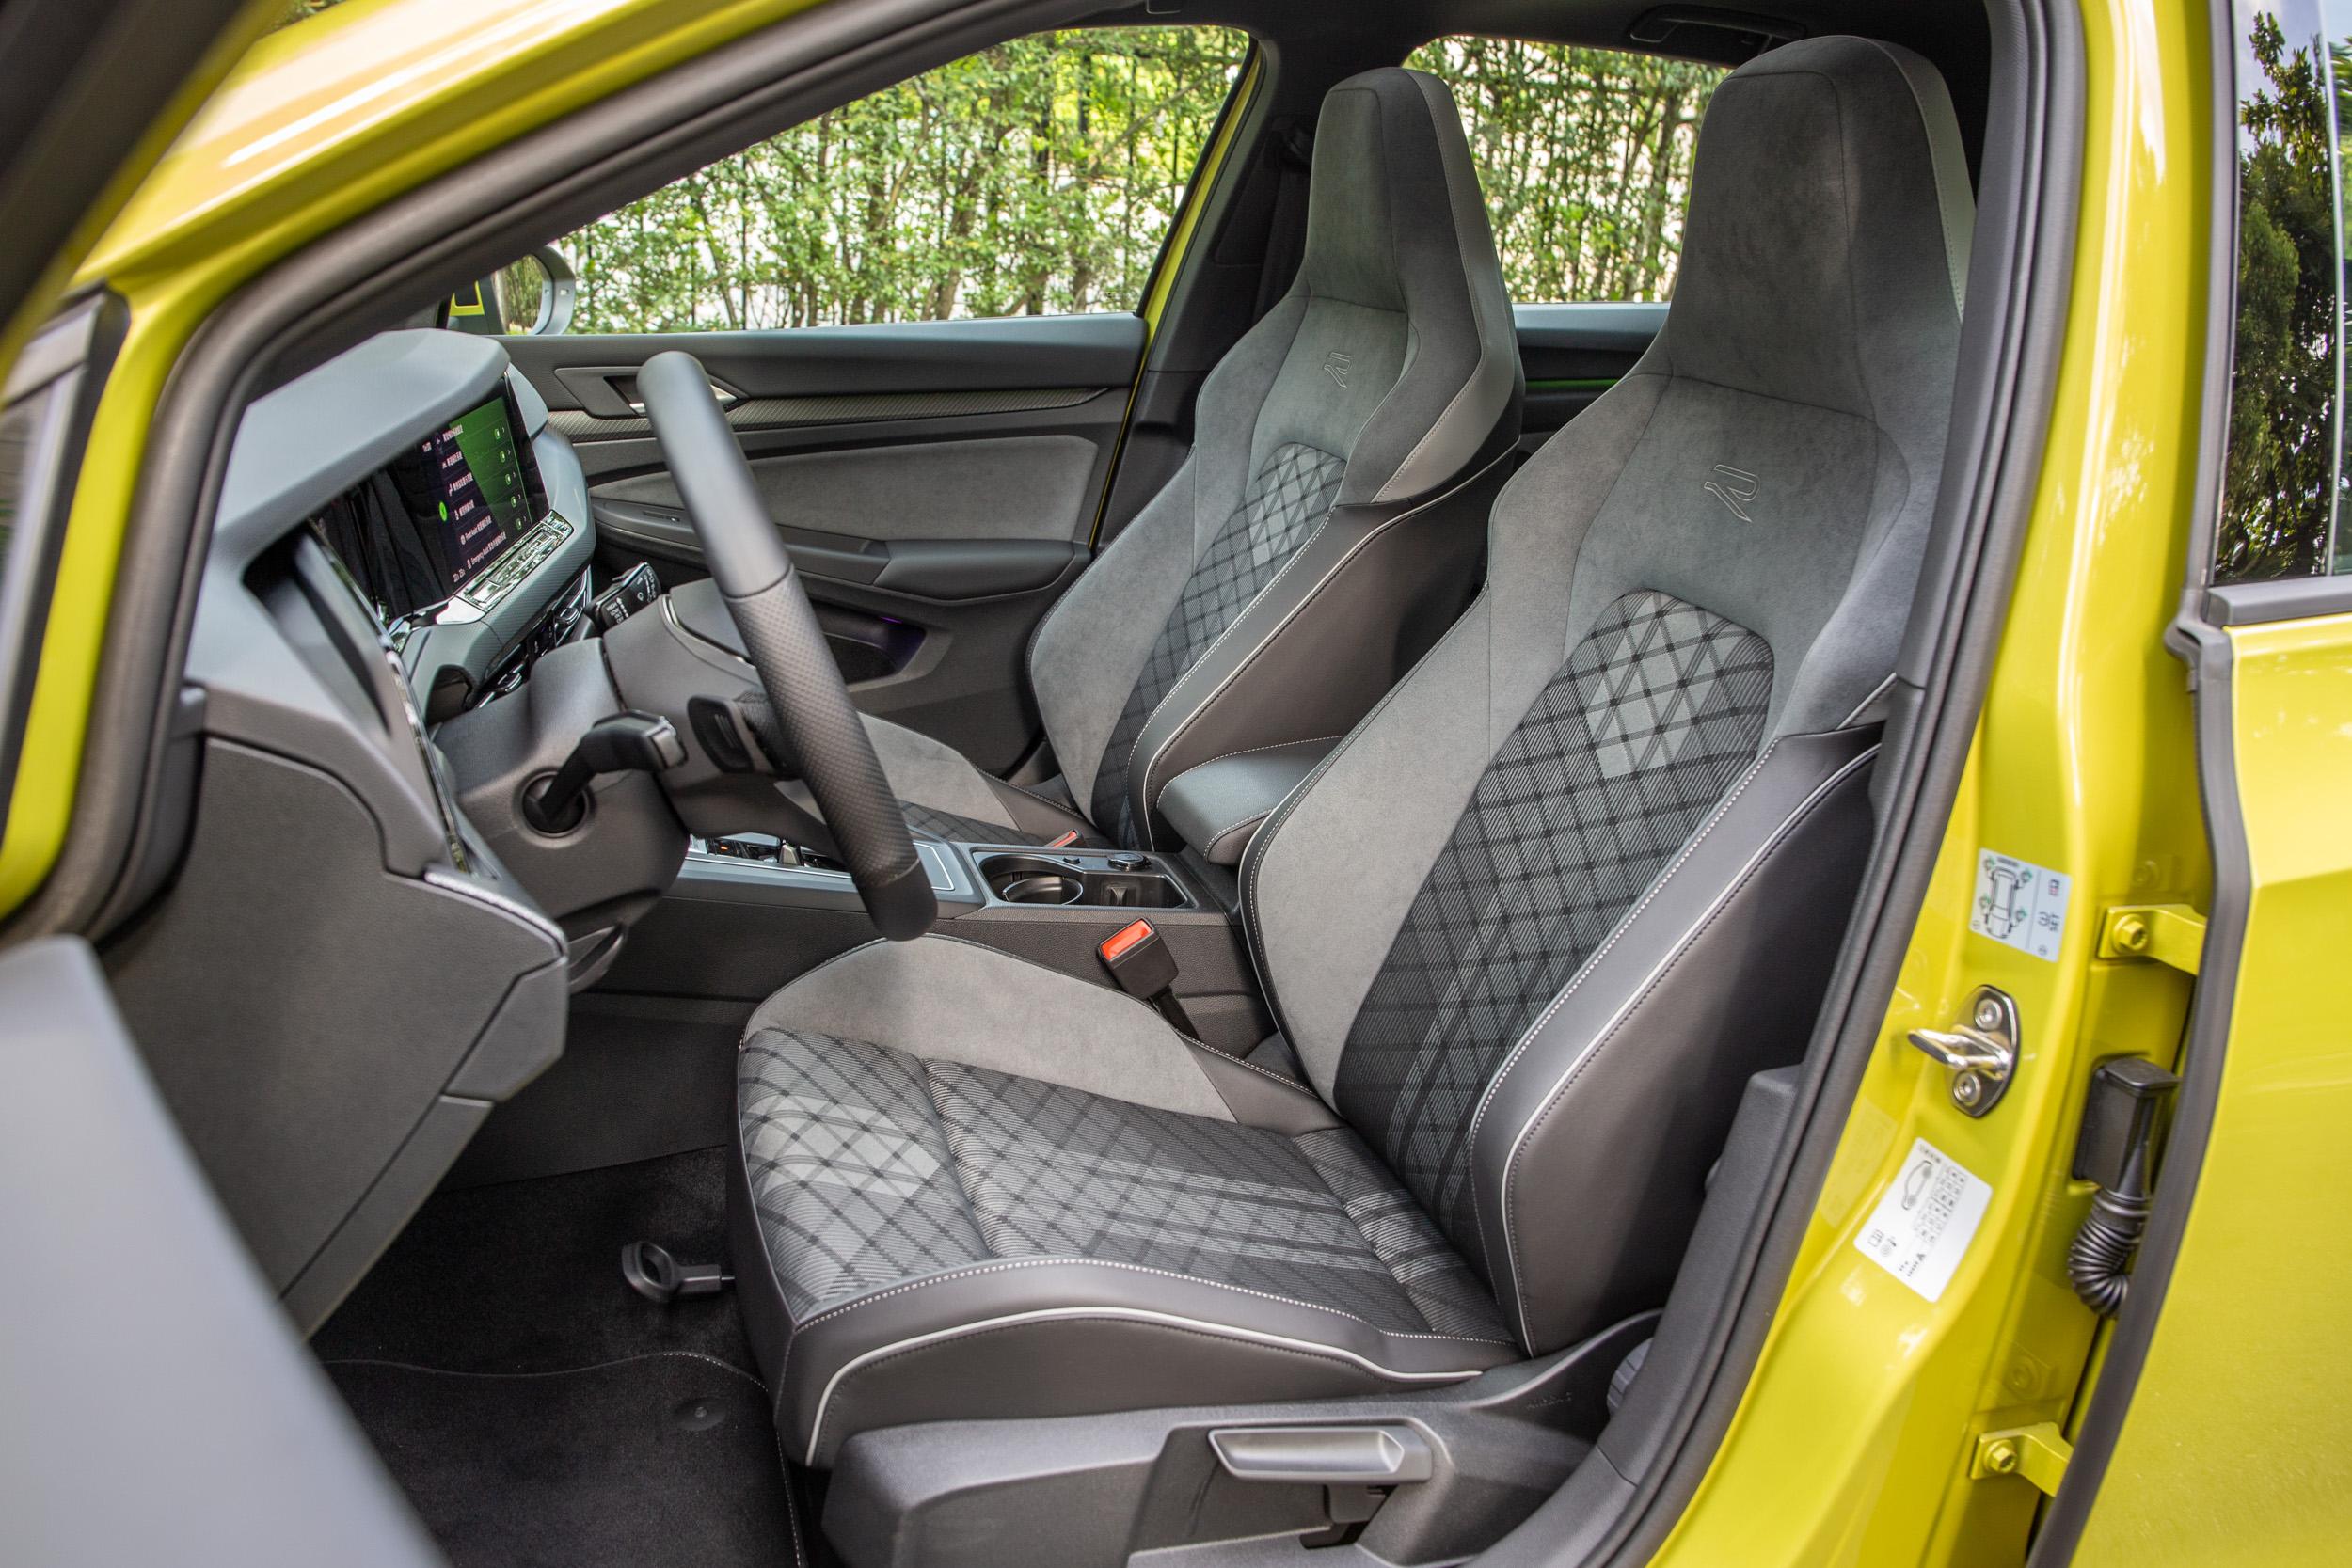 類麂皮混合織布的跑車型座椅為 280 eTSI R-Line 車型專屬,皆為手動調整。